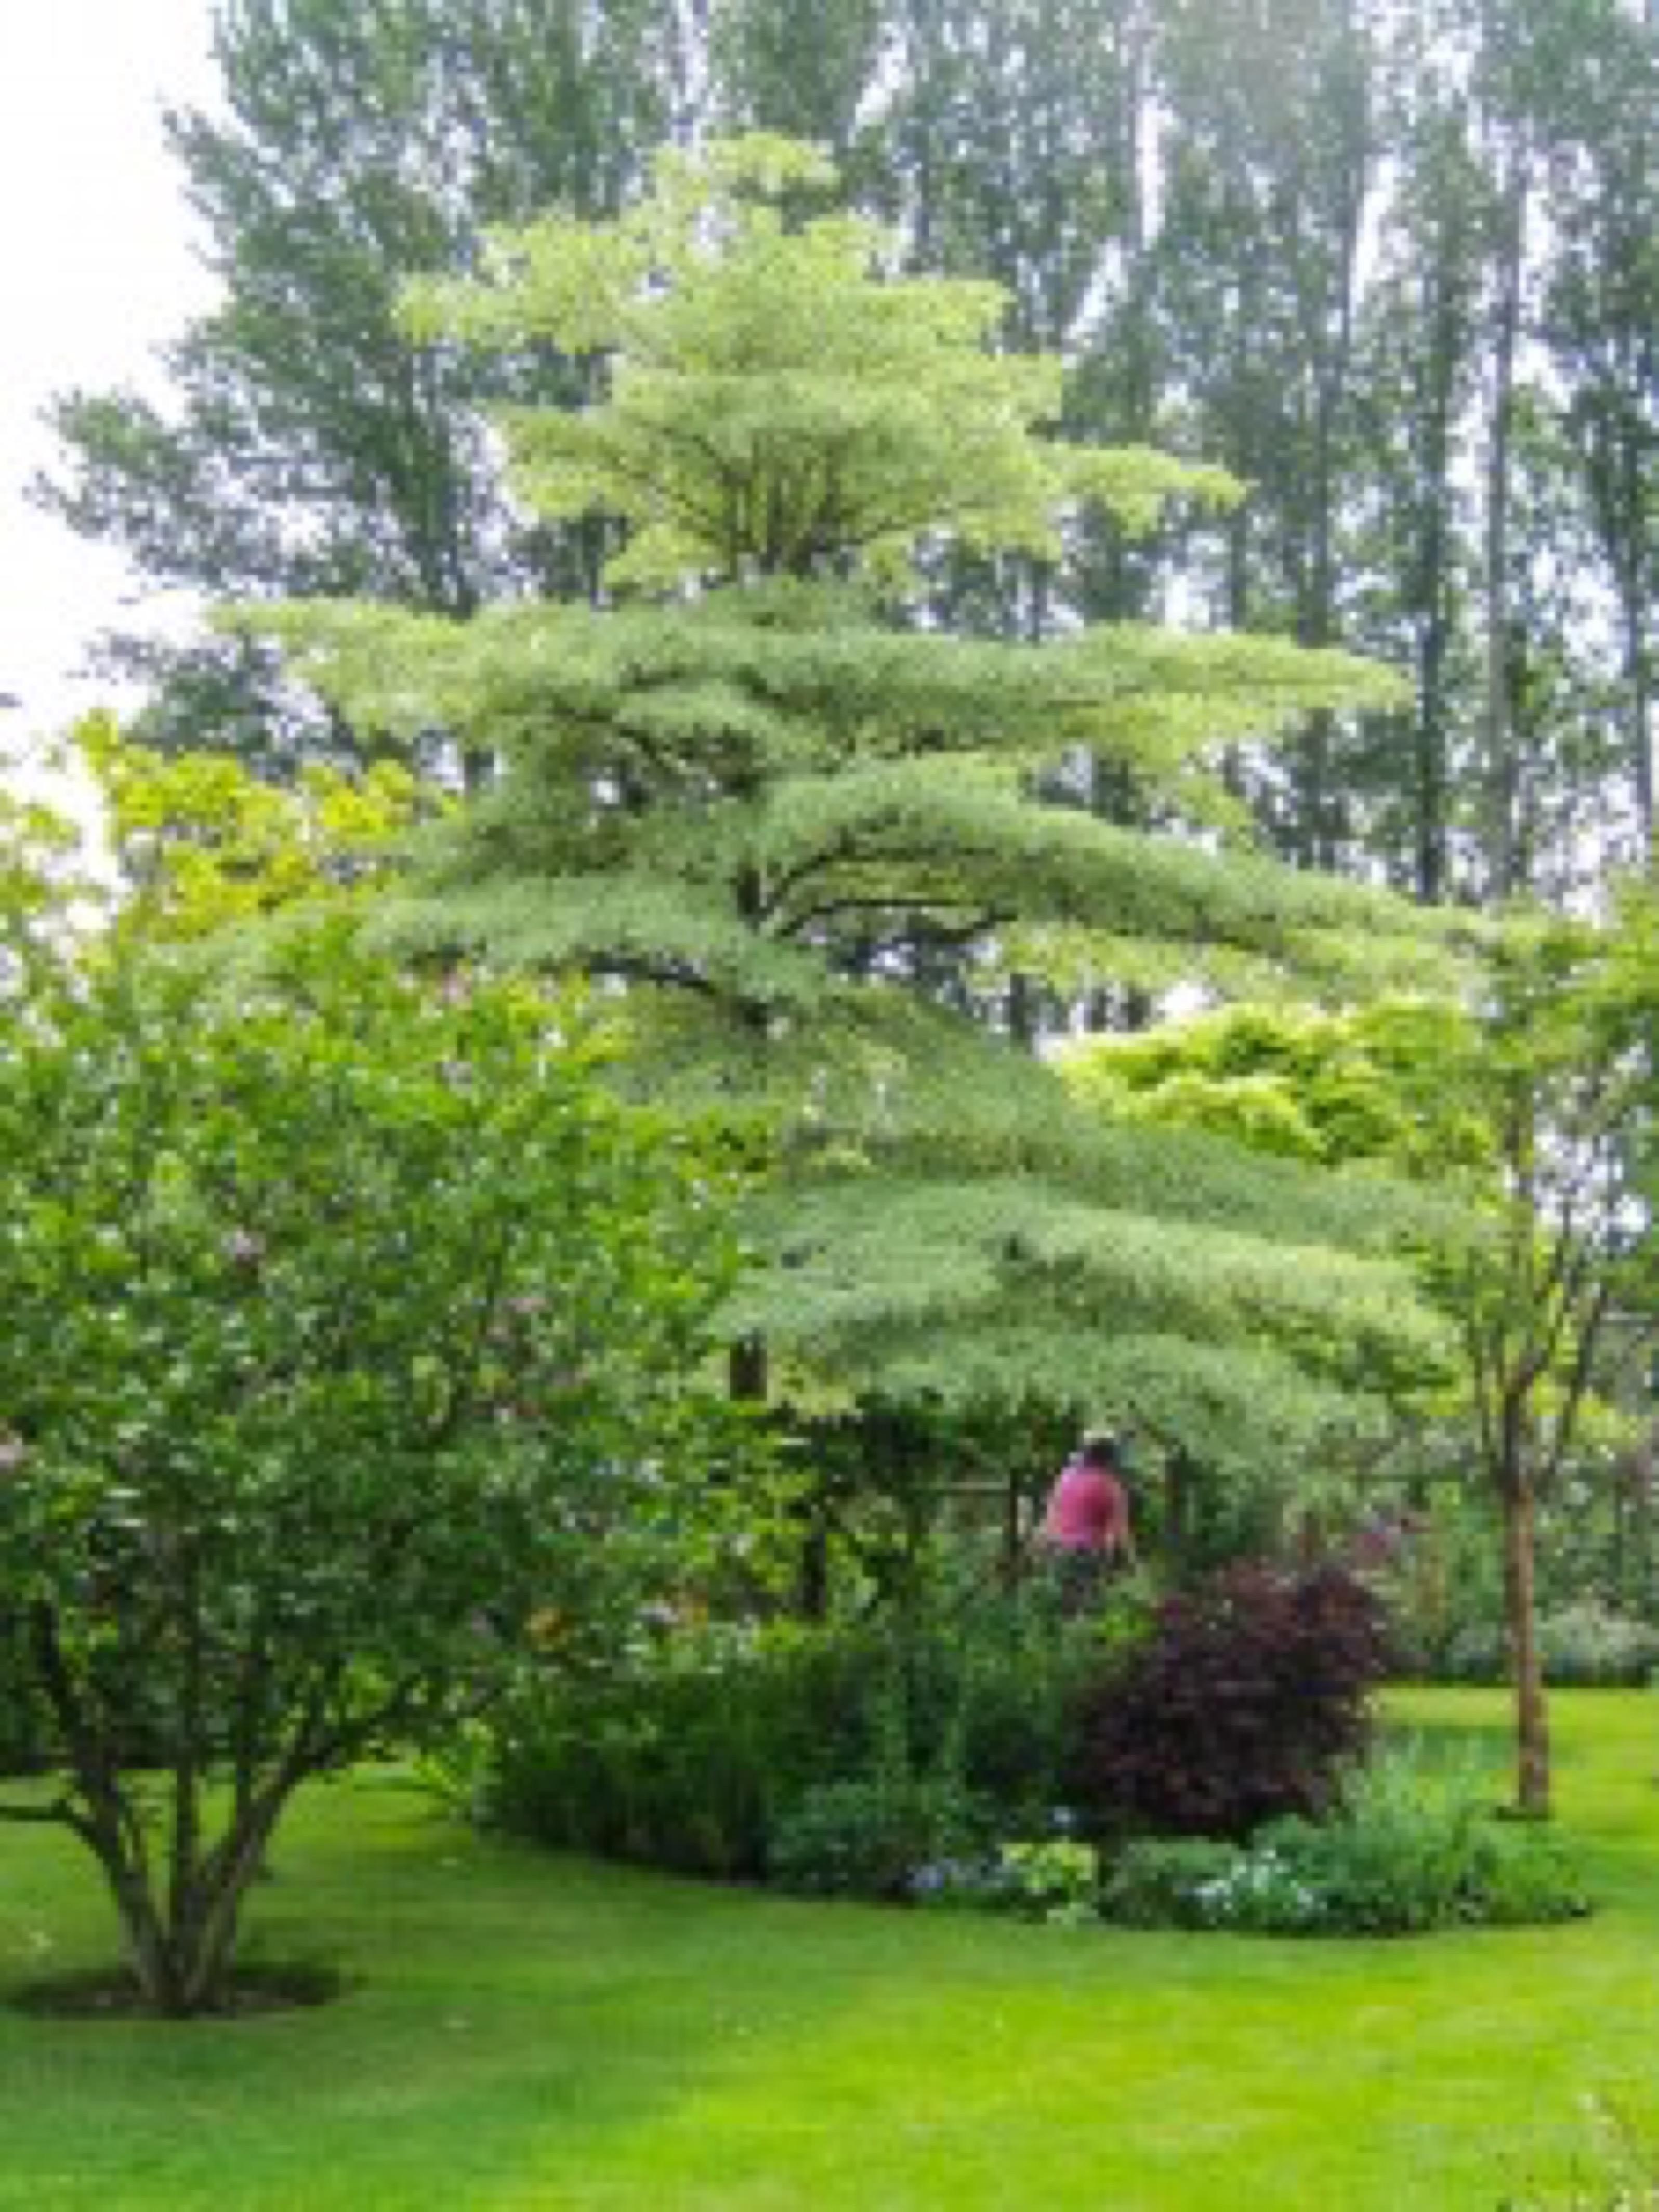 Oversratton Gardens 2016-48